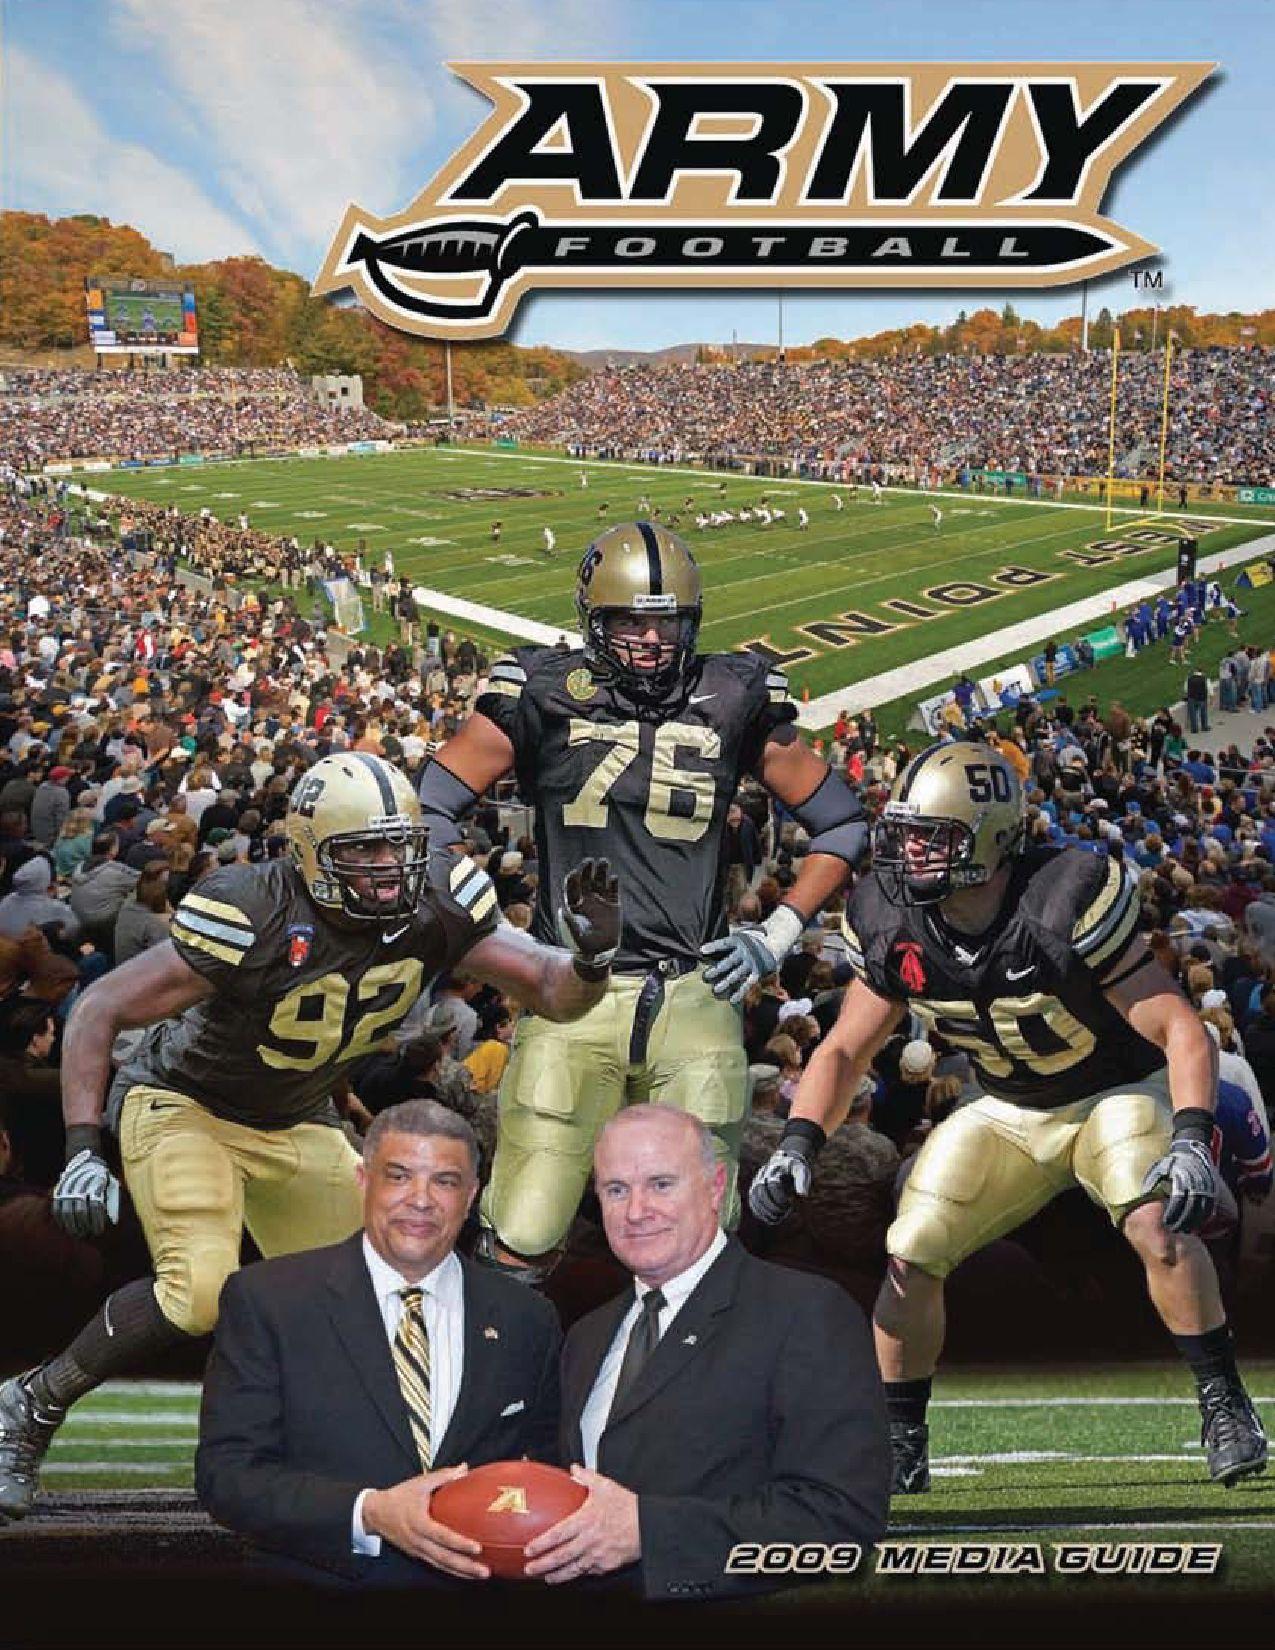 2009 Army Football Media Guide by Army West Point Athletics - issuu 85b0a123f